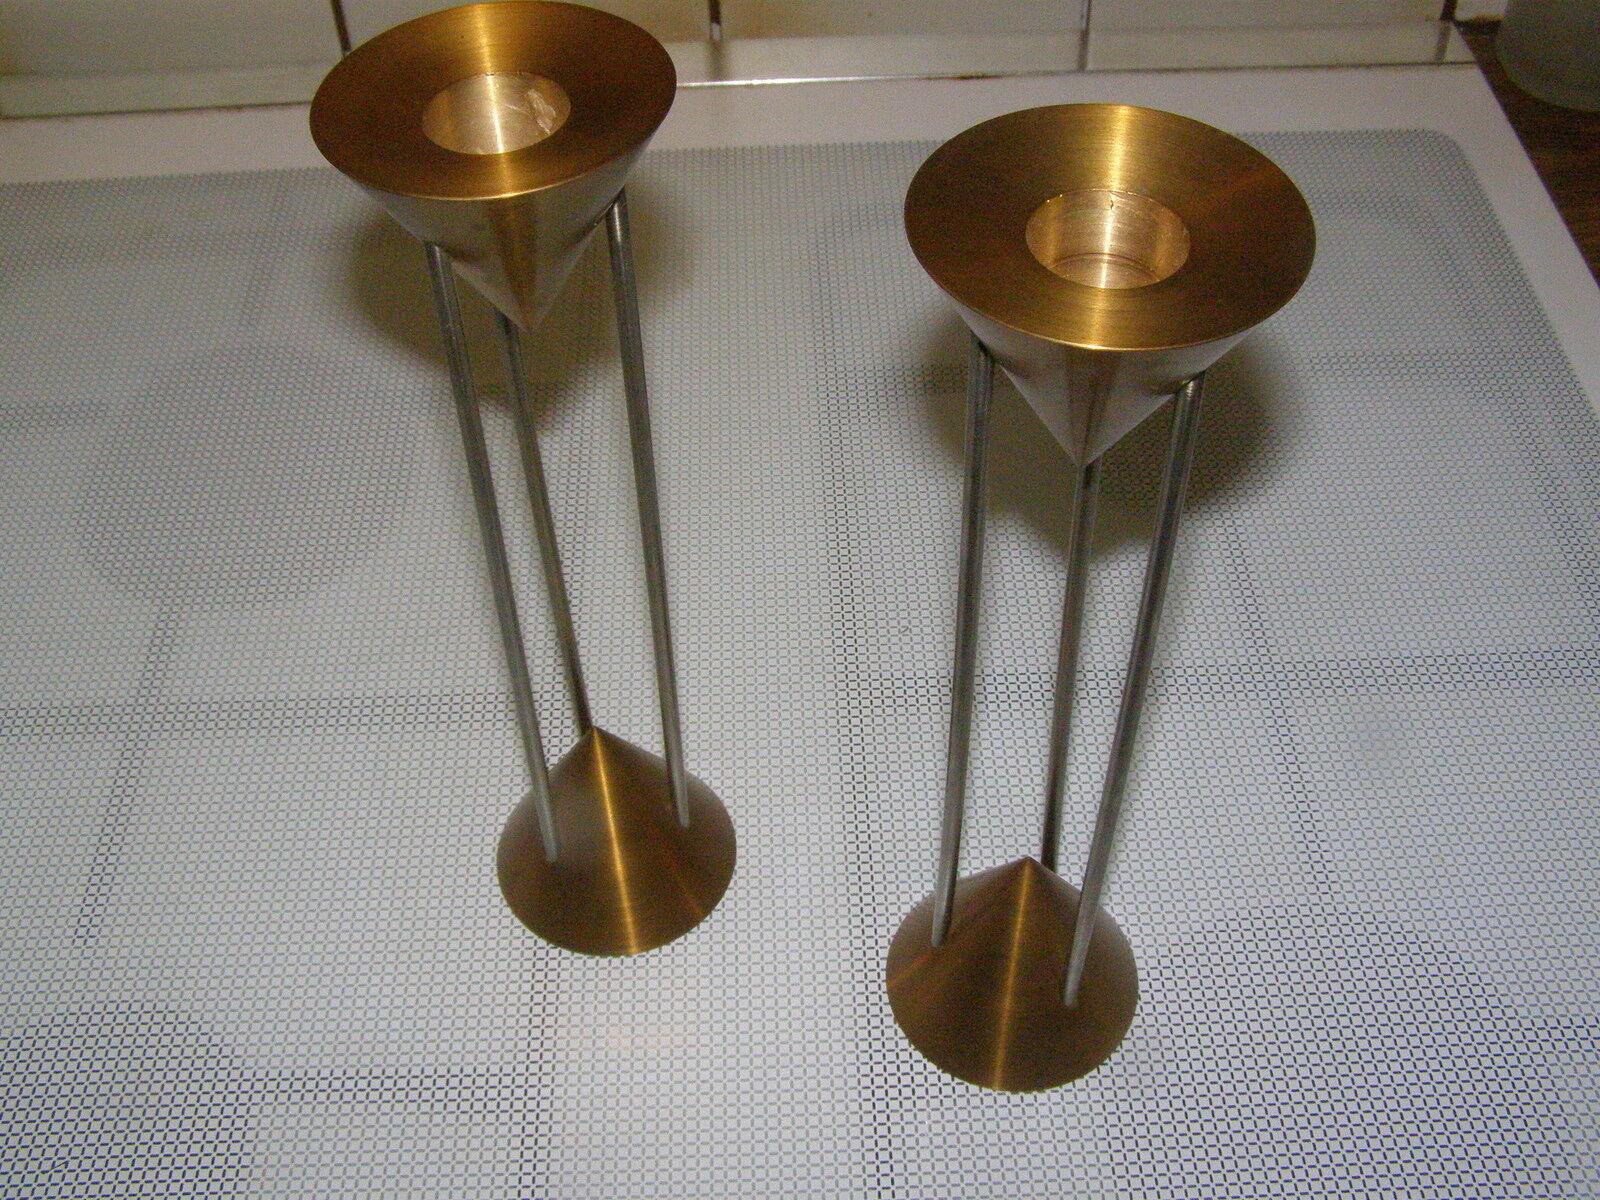 2 Design-Kerzenständer Kerzenleuchter UNIKATE in HANDARBEIT hergestellt  | Neuer Eintrag